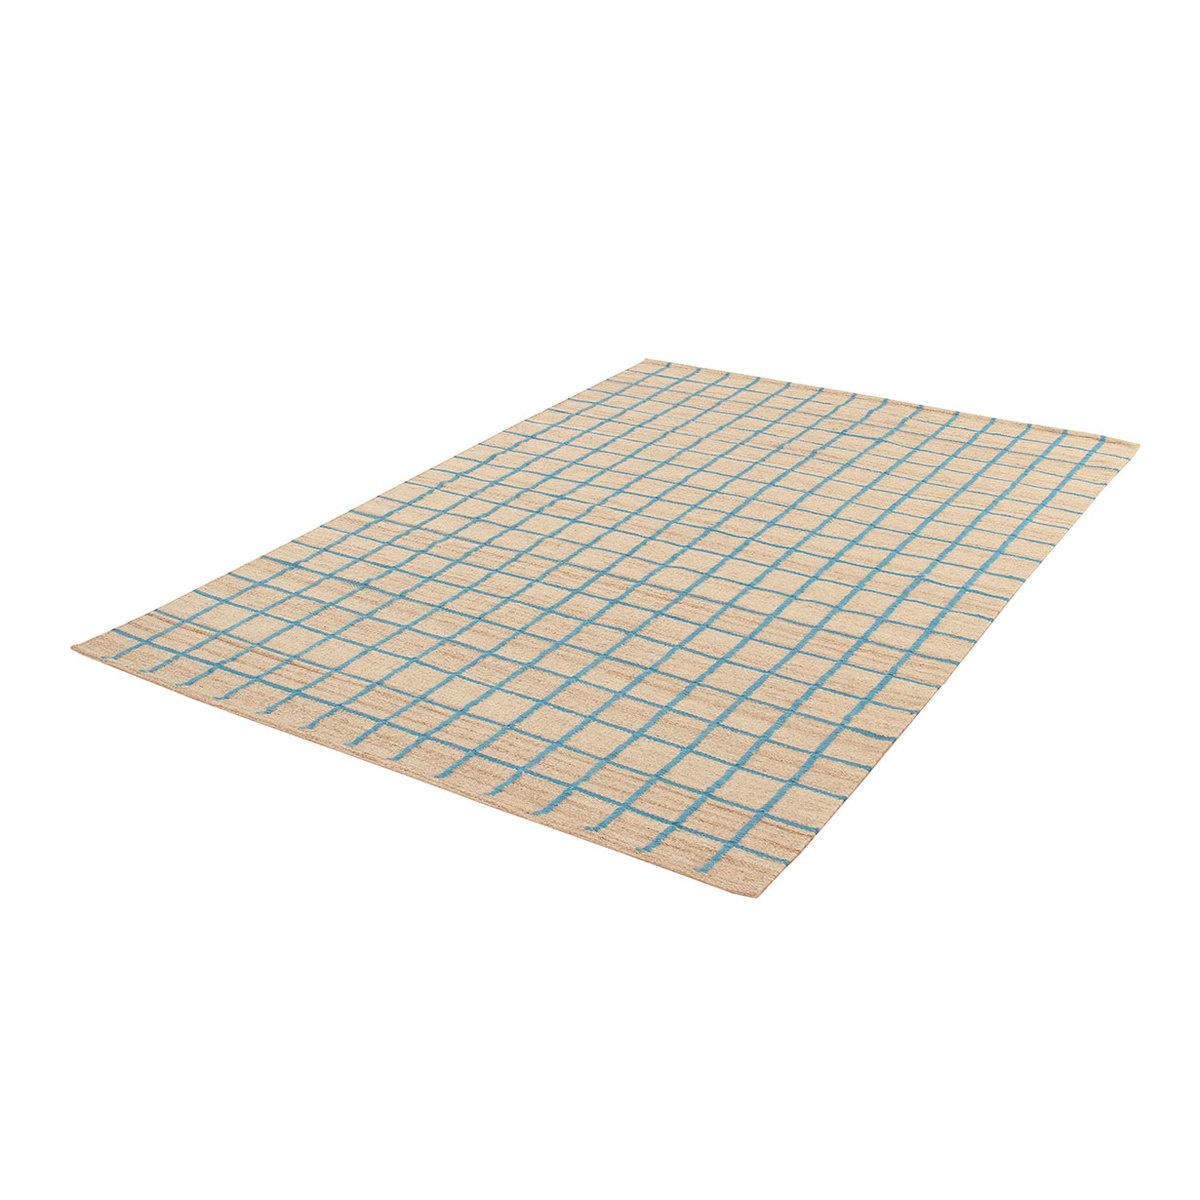 Tappeto kilim box 200x300 cm by jalal lovethesign - Tappeto 200x300 ...